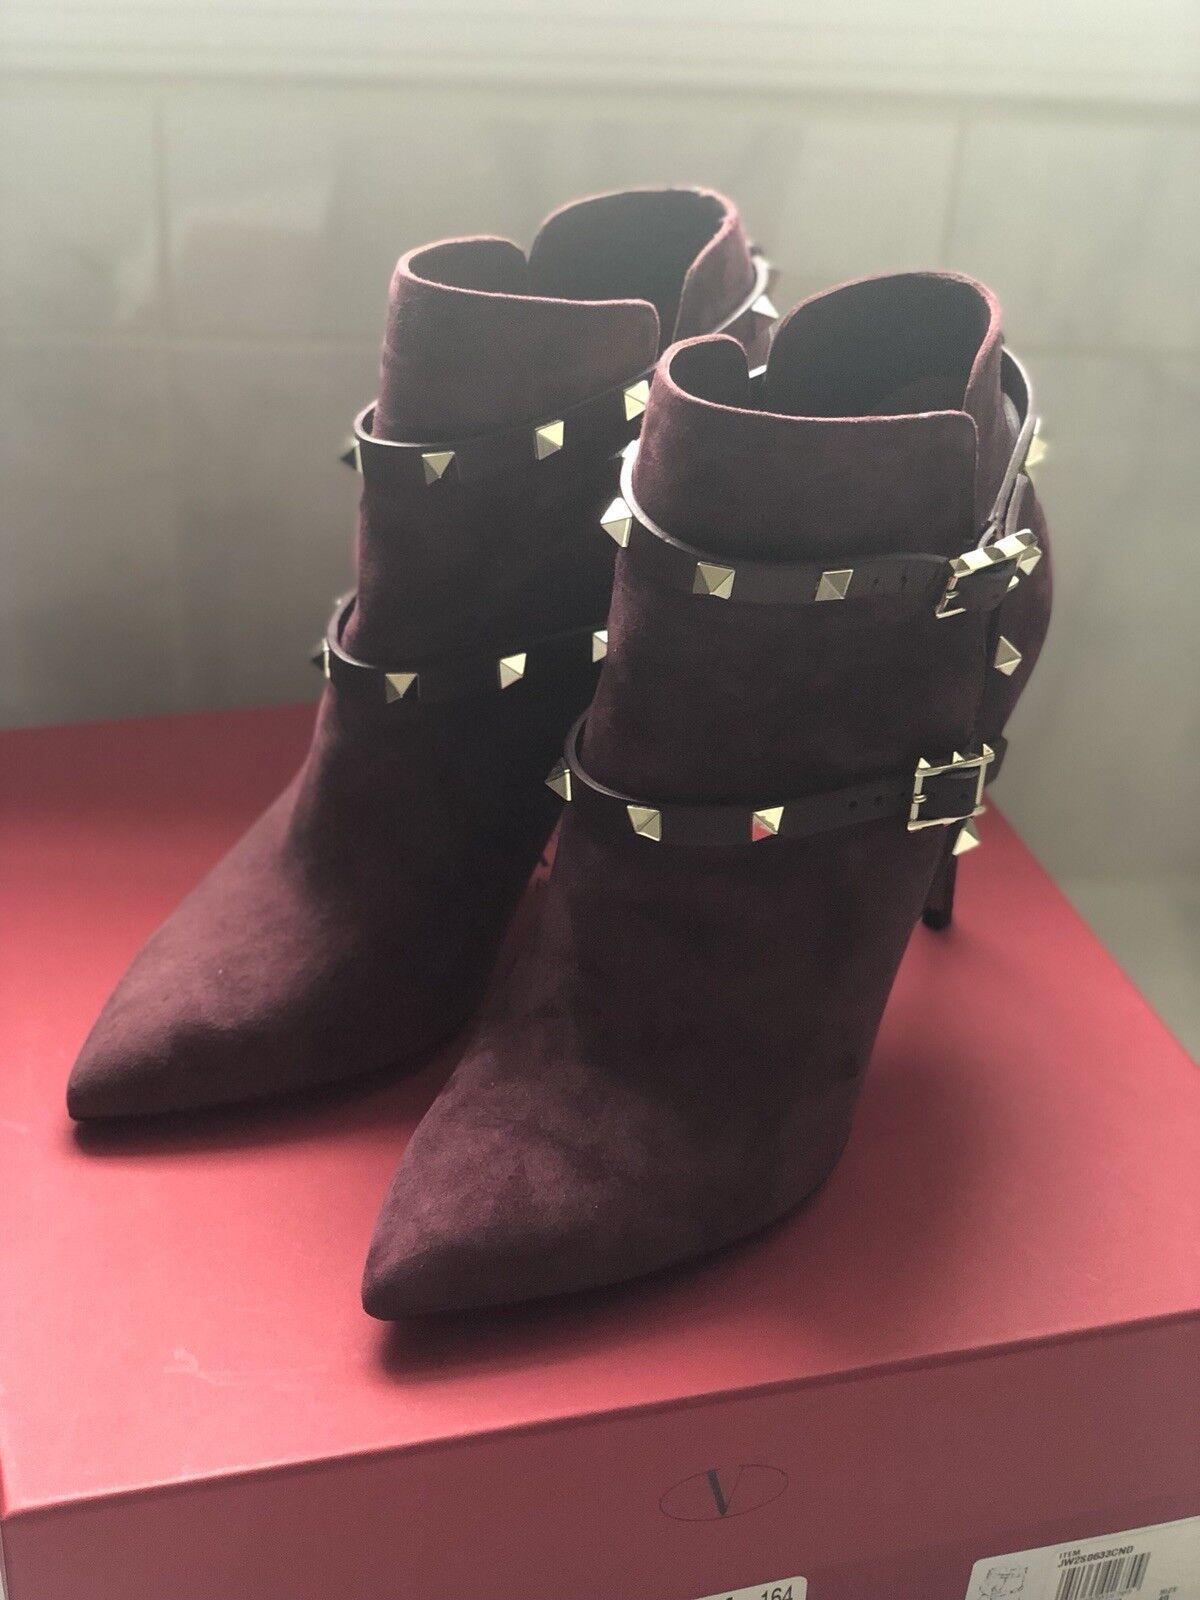 tutto in alta qualità e prezzo basso Valentino Garavani Burgundy Suede  Rockstud Rockstud Rockstud  Ankle stivali SZ 40  ti renderà soddisfatto